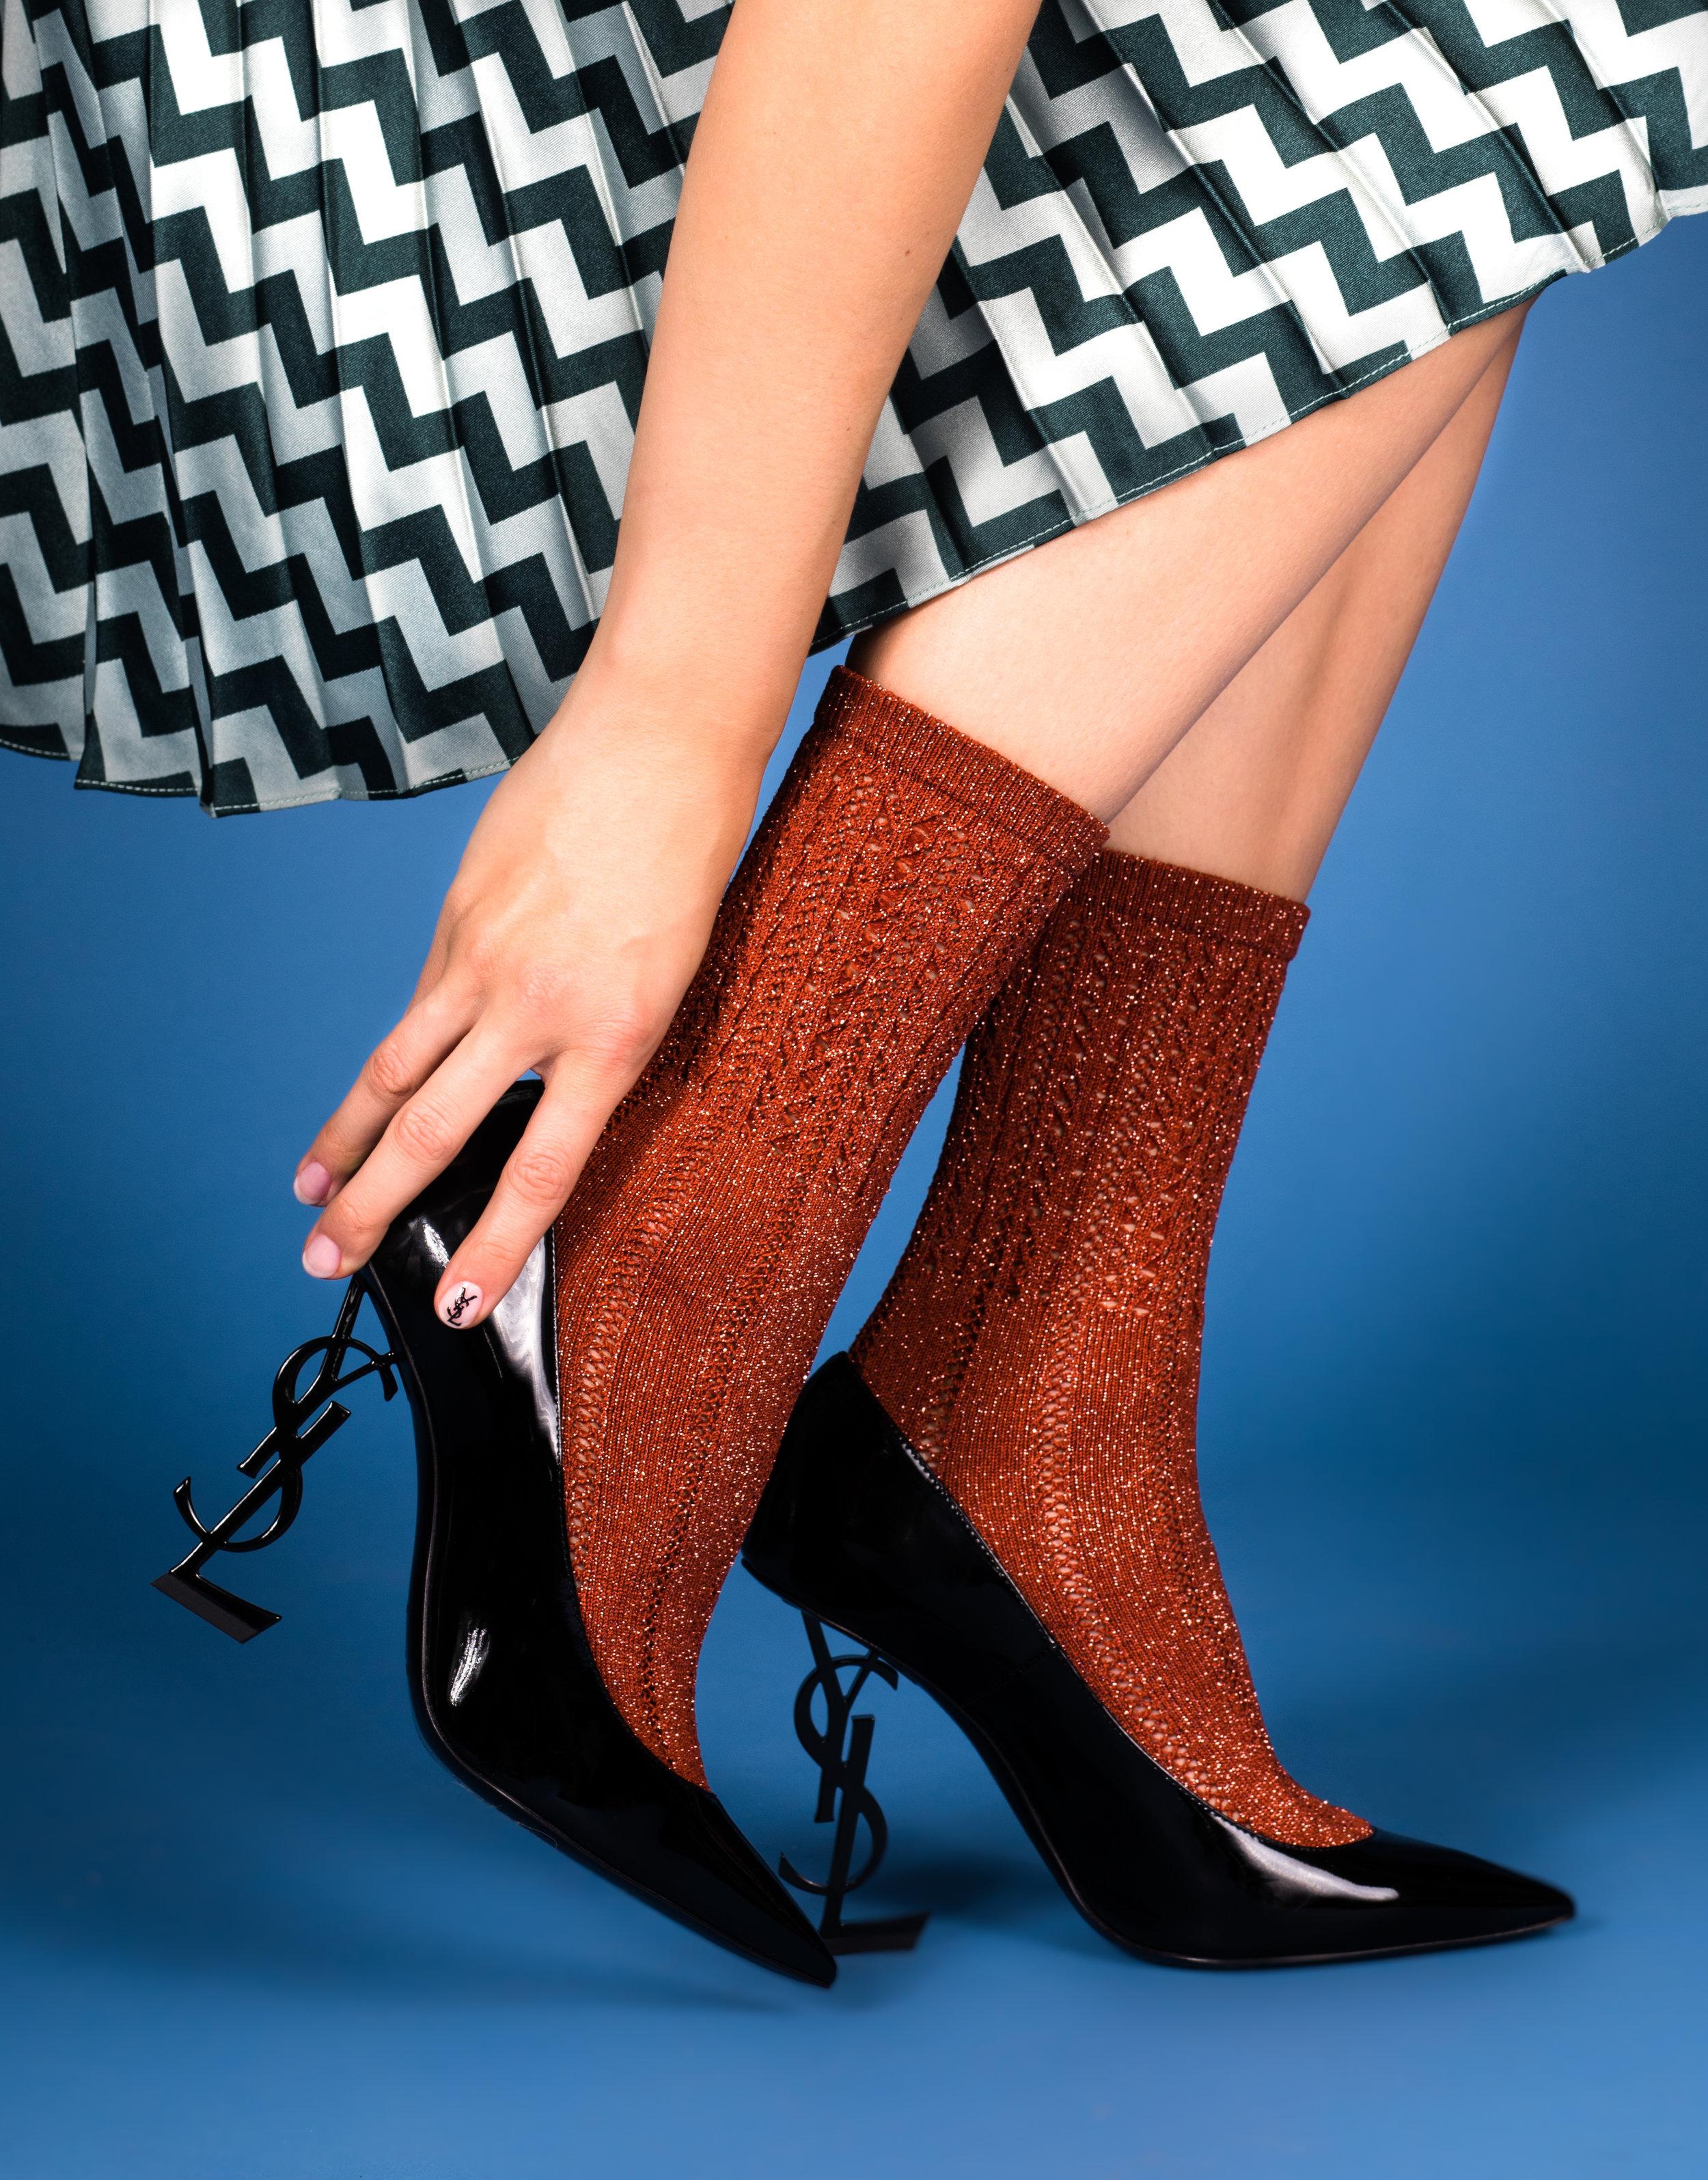 De Bijenkorf Bags & Shoes-0045-2.jpg